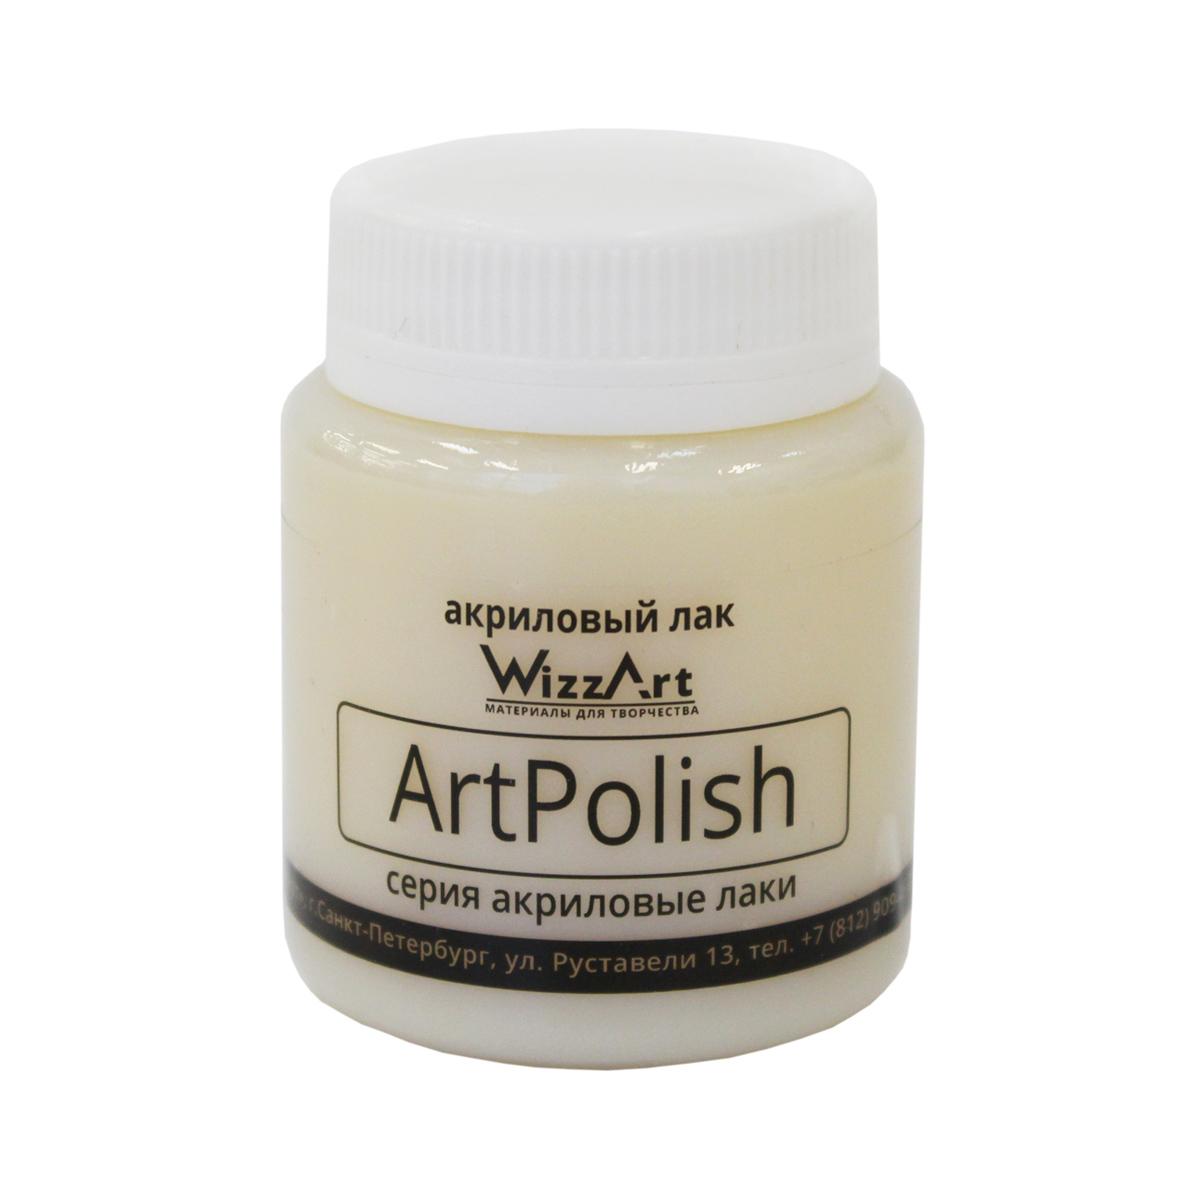 Лак акриловый глянцевый ArtPolish 80мл Wizzart